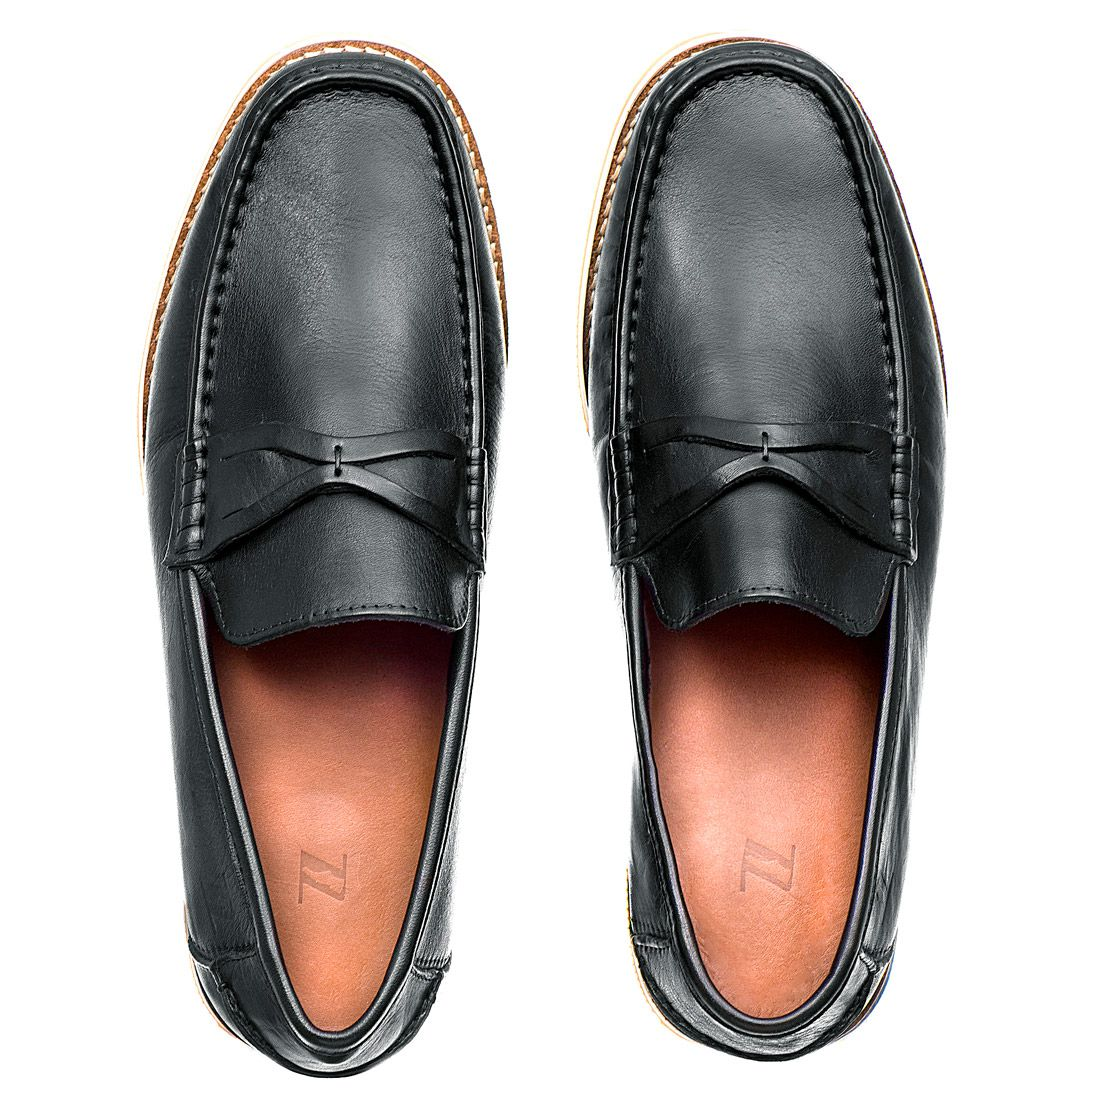 Sapato Casual Masculino em Couro Latego Preto Rocco Lorenzzo - 4504